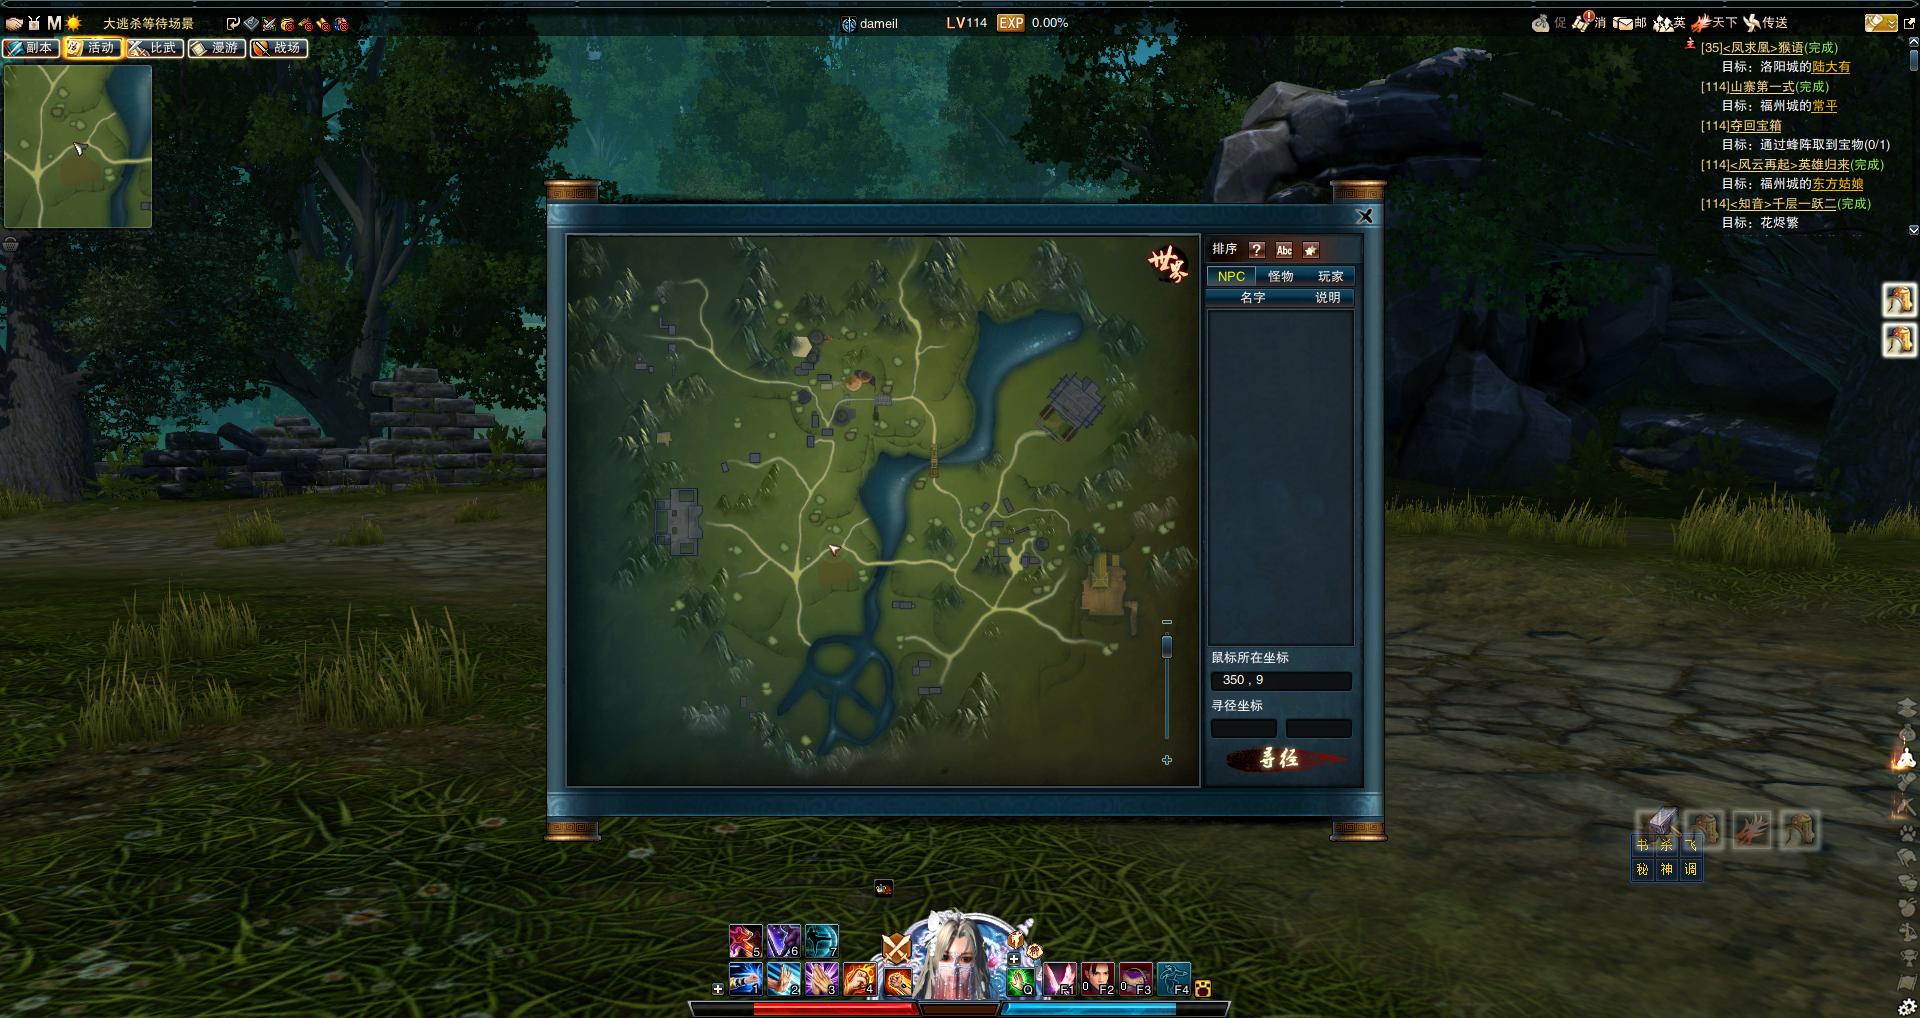 《笑傲江湖》游戏截图:大地图